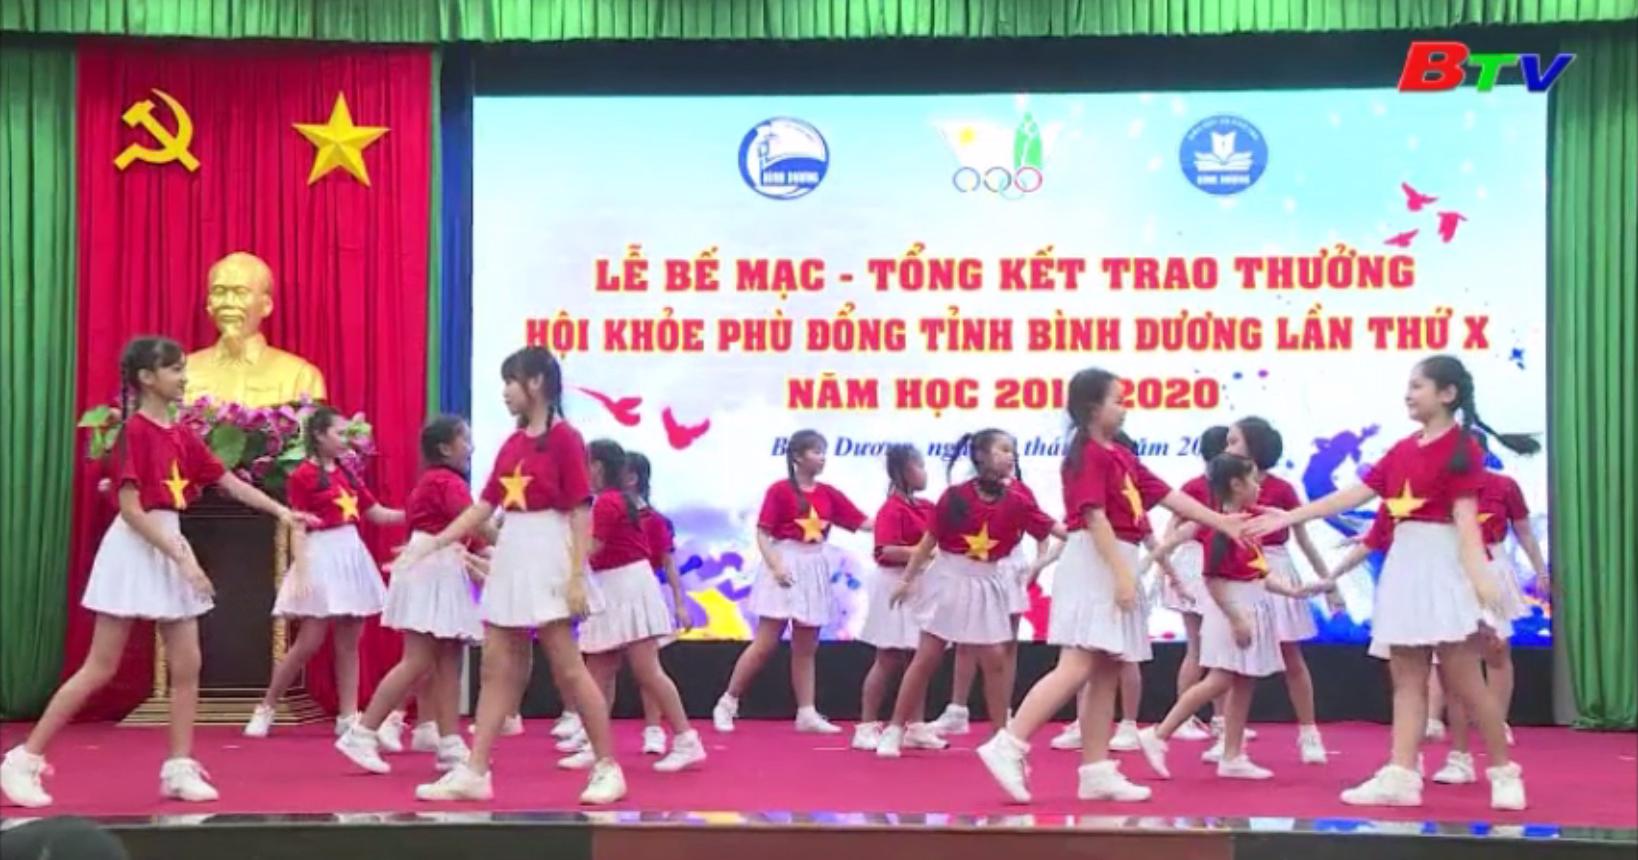 Lễ tổng kết, trao thưởng HKPĐ tỉnh Bình Dương lần thứ X